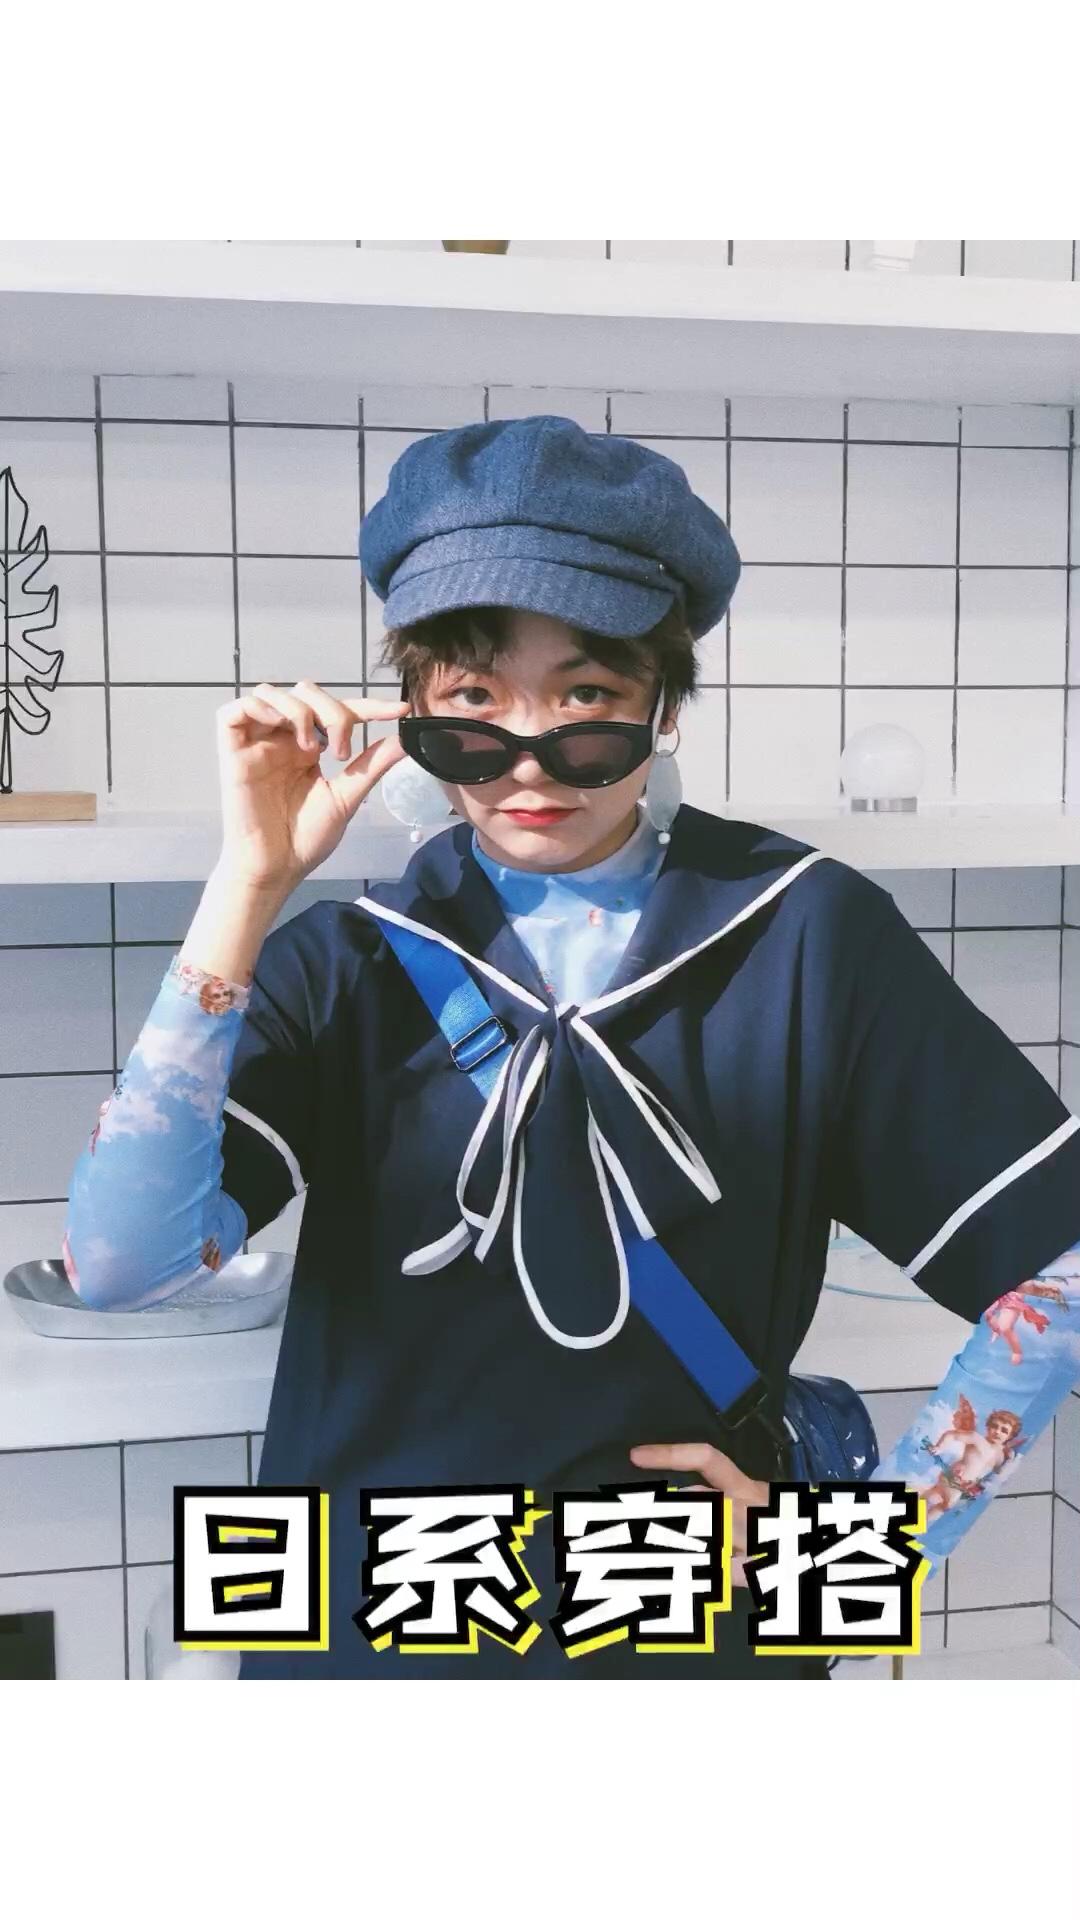 #90%微胖女生入秋穿这套!# 打底衫搭配连衣裙,新混搭穿出新风格